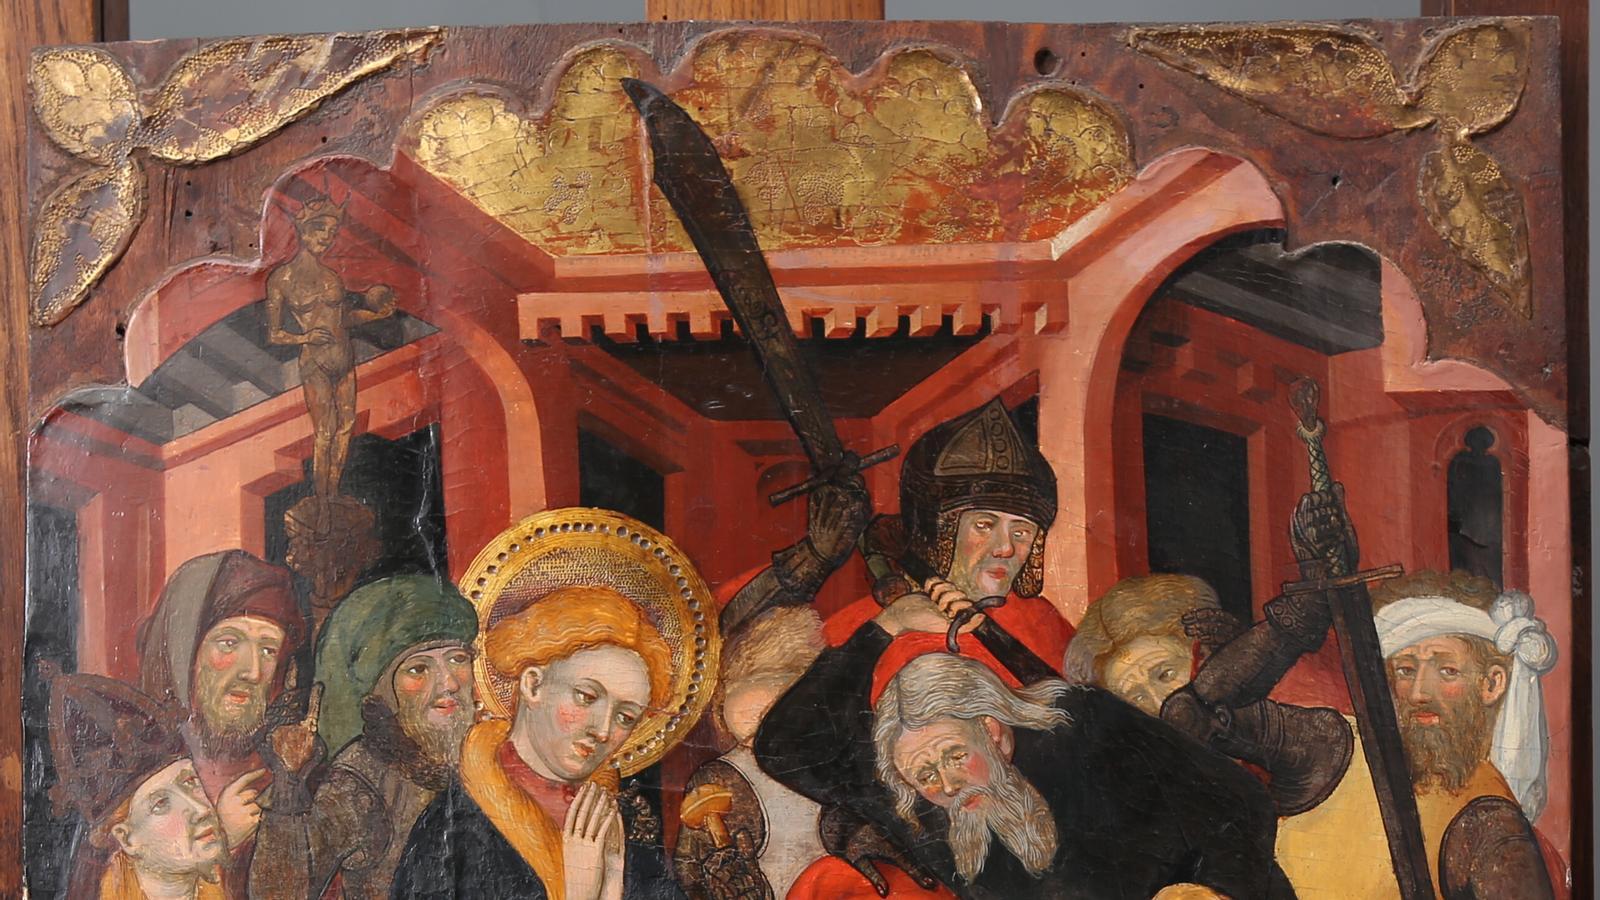 Taula de Lluís Borrassà del retaule de sant Llorenç, sant Hipòlit i sant Tomàs d'Aquino de la capella de Sant Llorenç de la catedral de Barcelona.